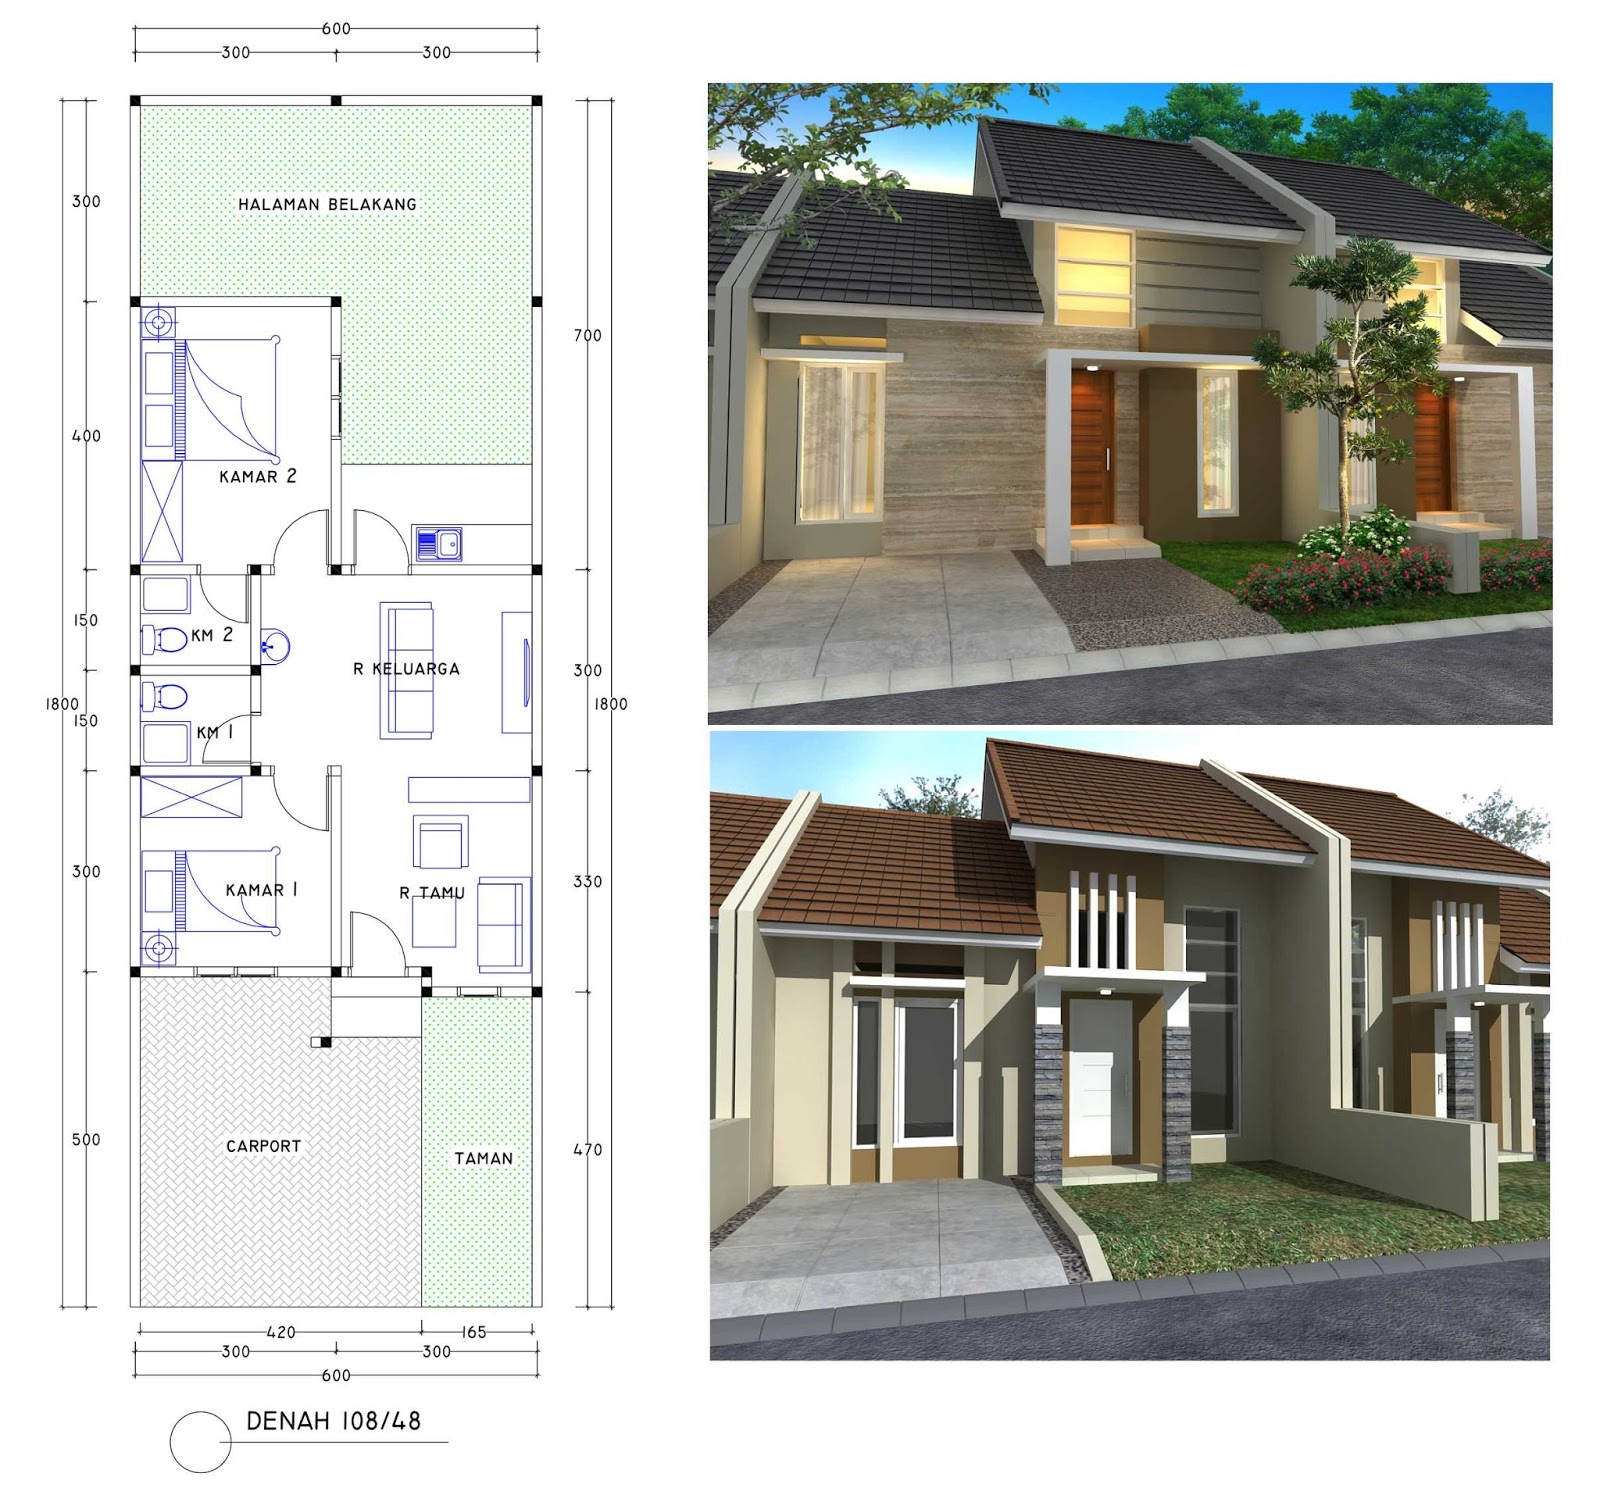 66 Desain Rumah Minimalis Lebar 6 Meter Desain Rumah Minimalis Terbaru